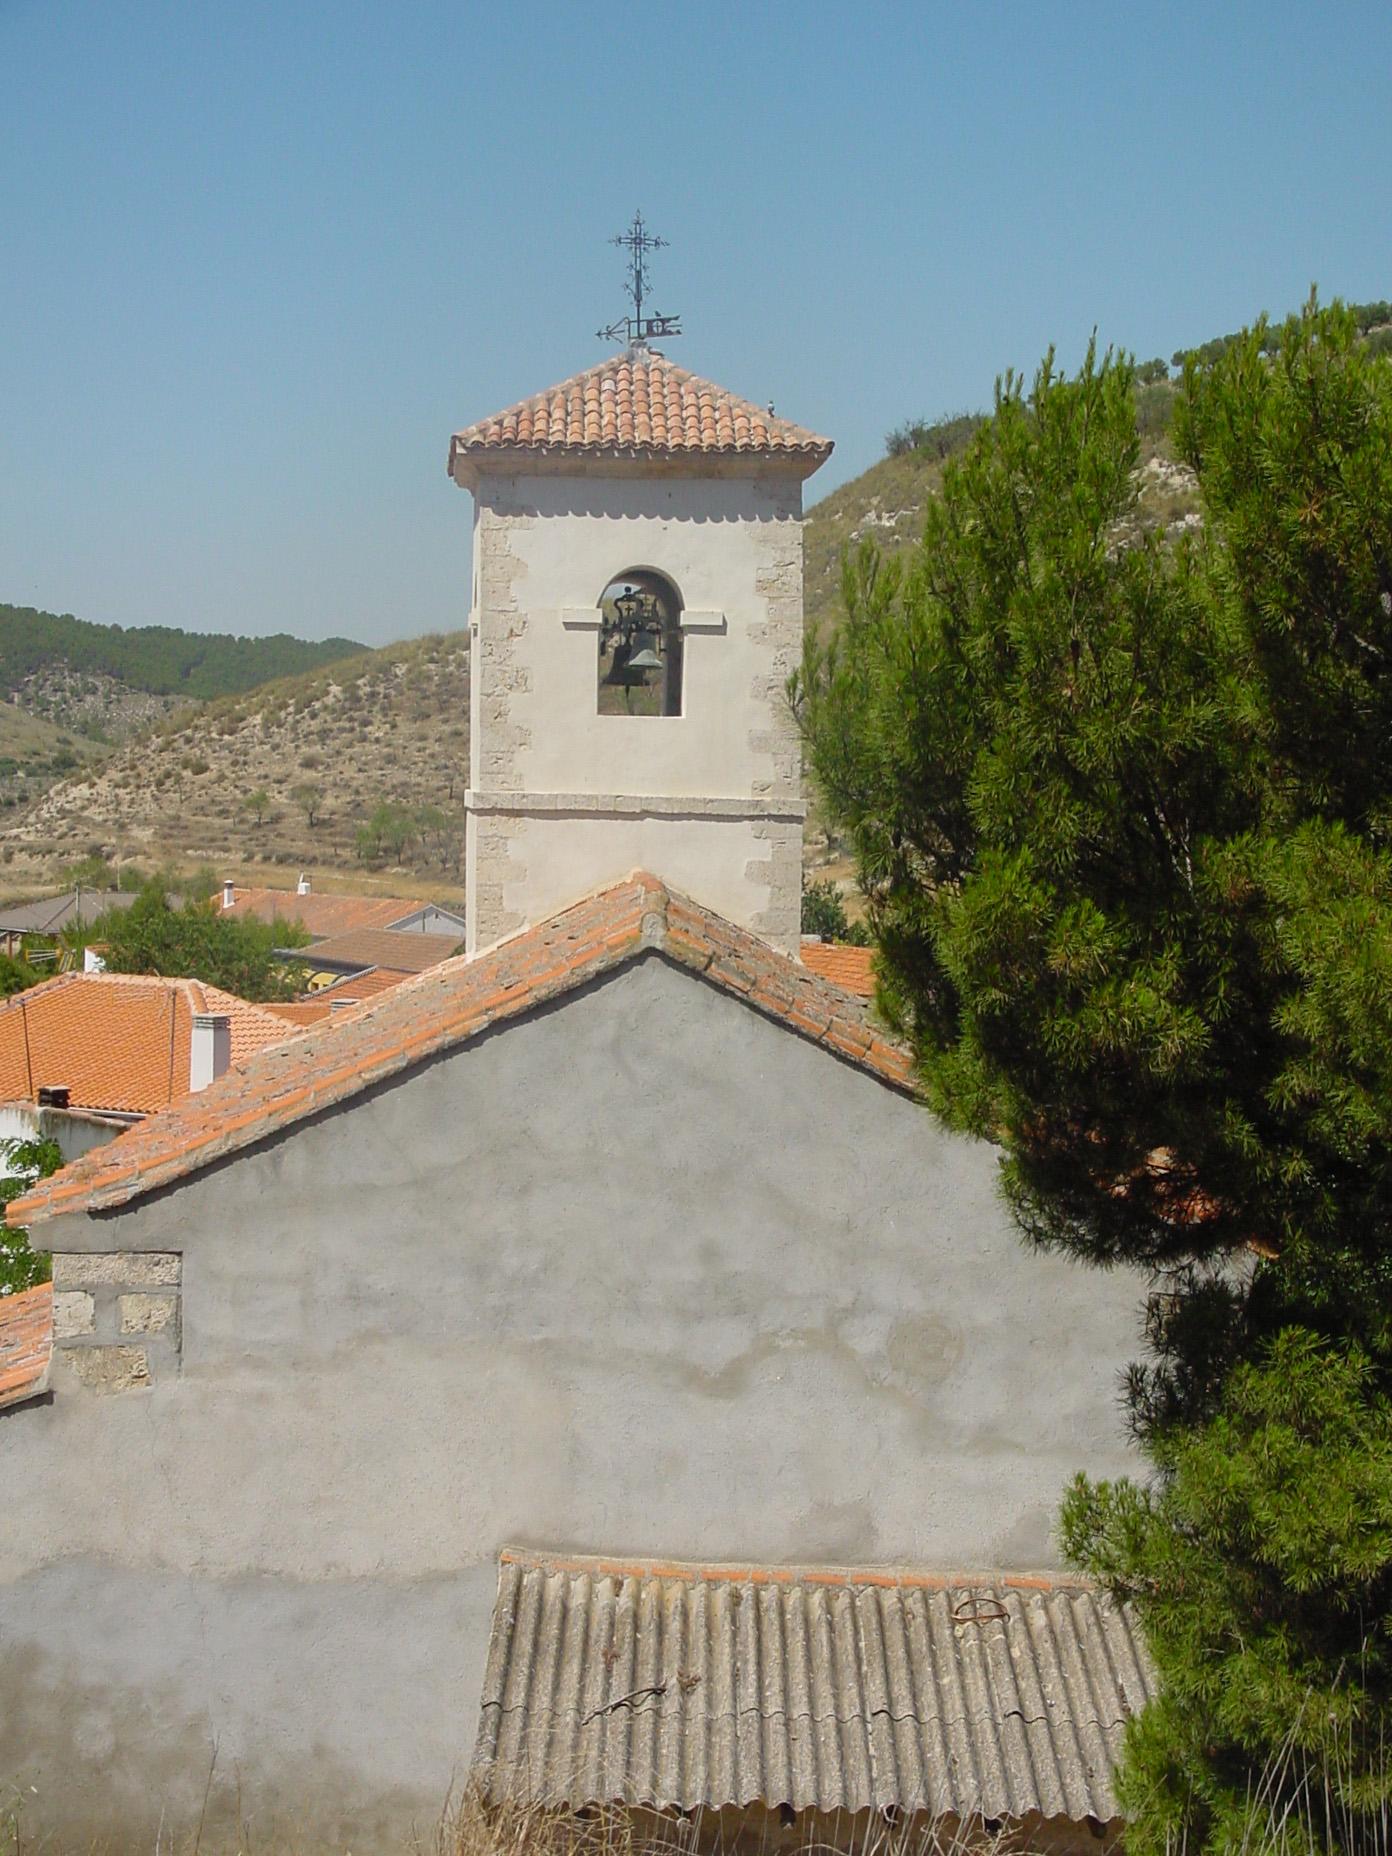 Iglesia en Valverde de Alcalá